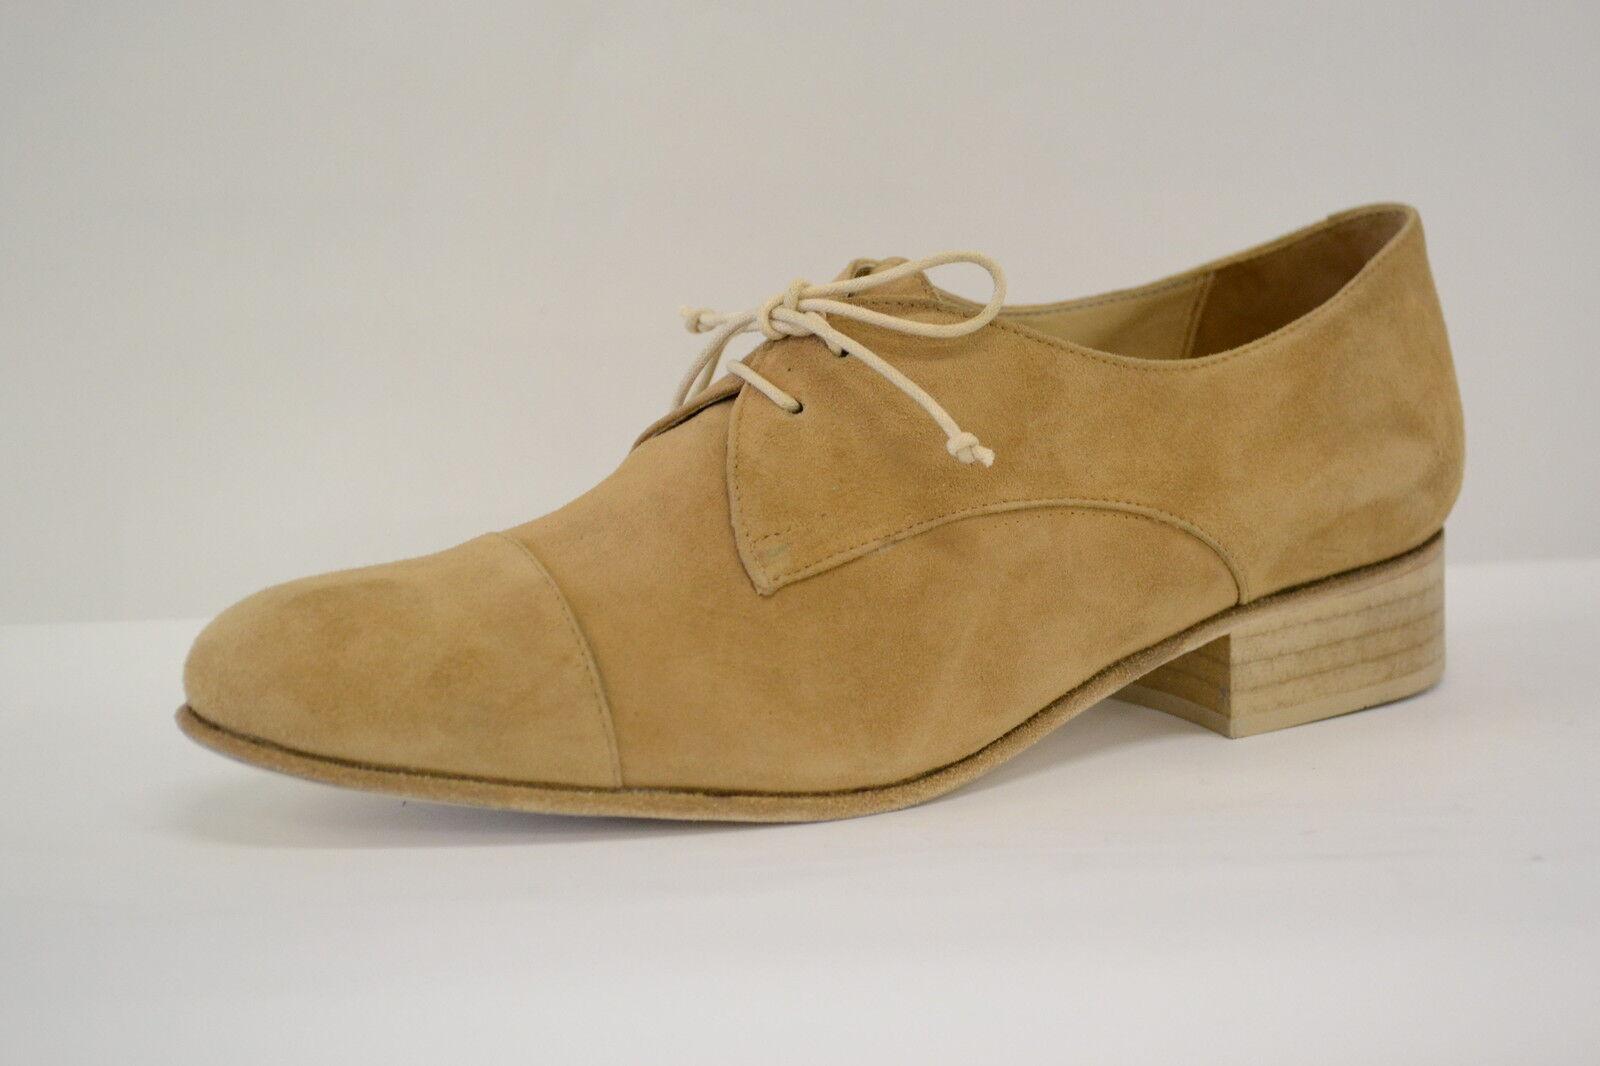 zapatos mujer mujer mujer ALLACCIATE CAMOSCIO BEIGE CAMMELLO ARTIGIANALI35 36 37 38 39 40 41  primera reputación de los clientes primero